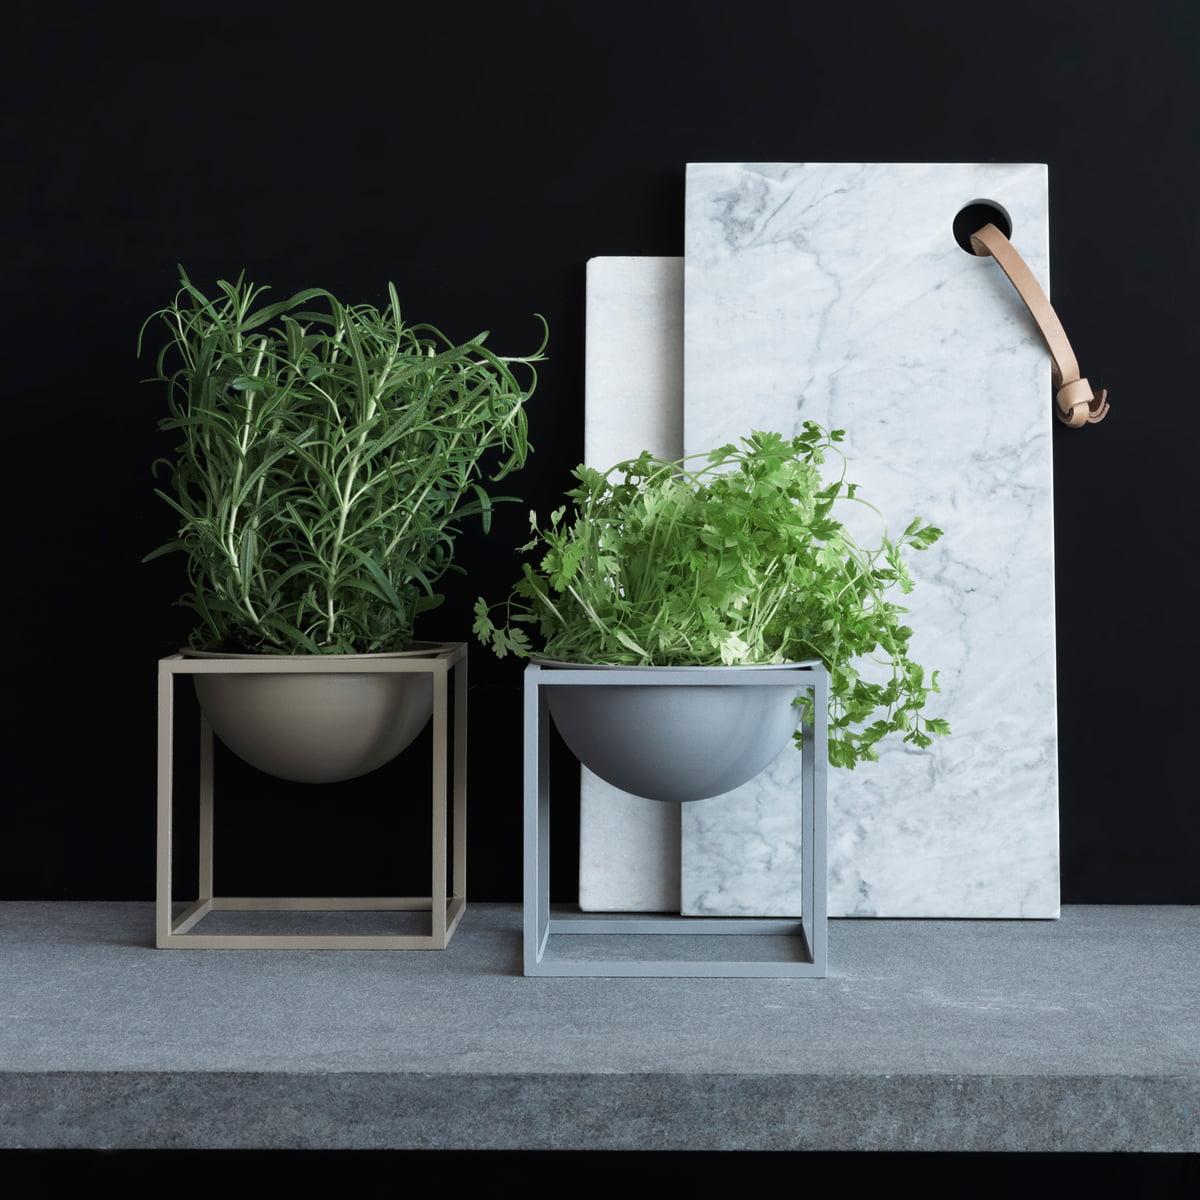 kubus bowl by lassen dans la boutique. Black Bedroom Furniture Sets. Home Design Ideas